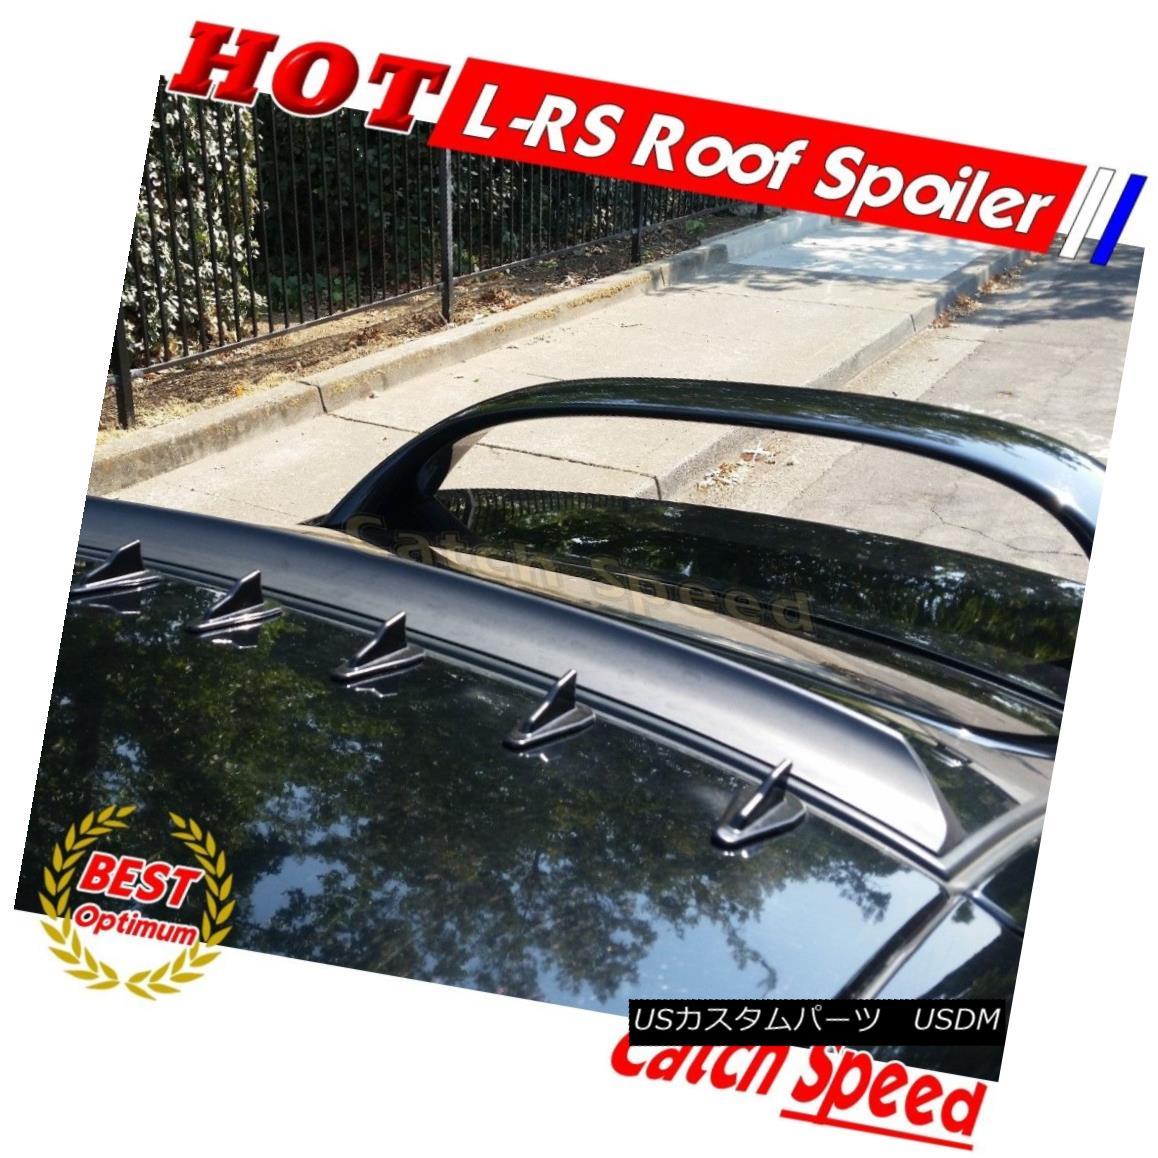 エアロパーツ Painted LRS Style Rear Roof Spoiler Wing For Ford Fusion Sedan 2006-2009? フォードフュージョンセダン2006-2009のために塗られたLRSスタイルのリアルーフスポイラーウィング?